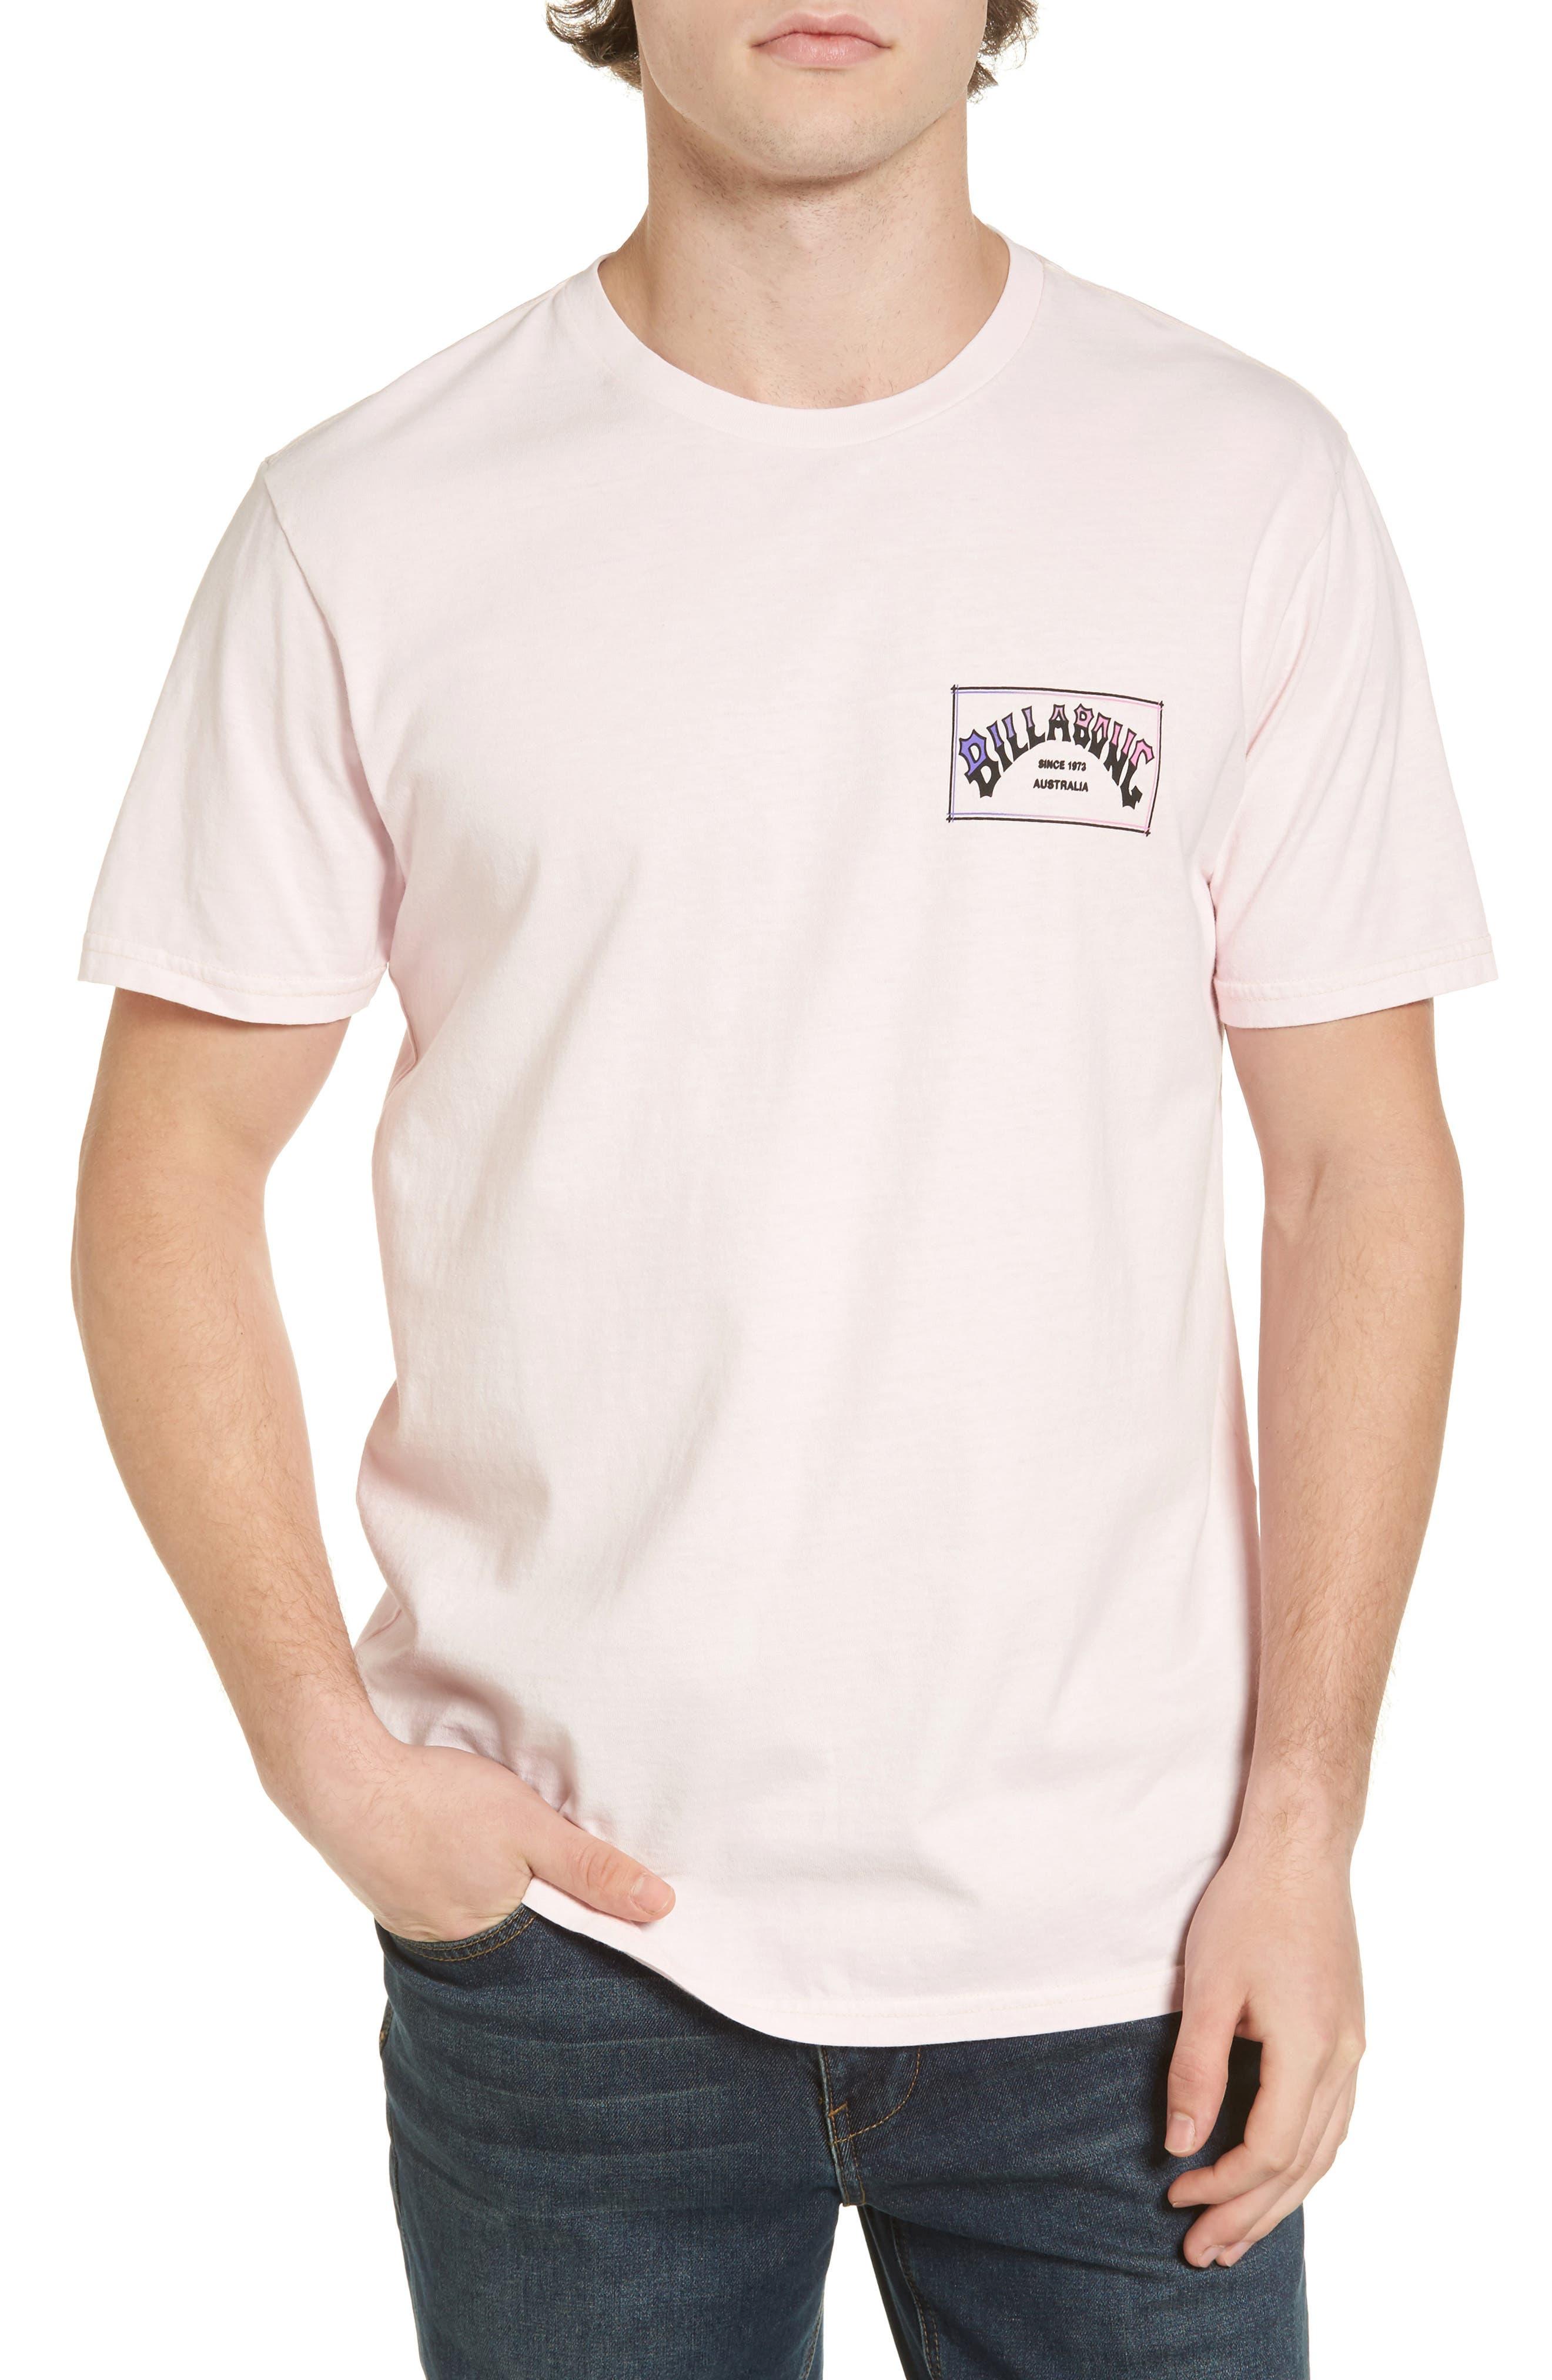 Main Image - Billabong Boxed Arch T-Shirt